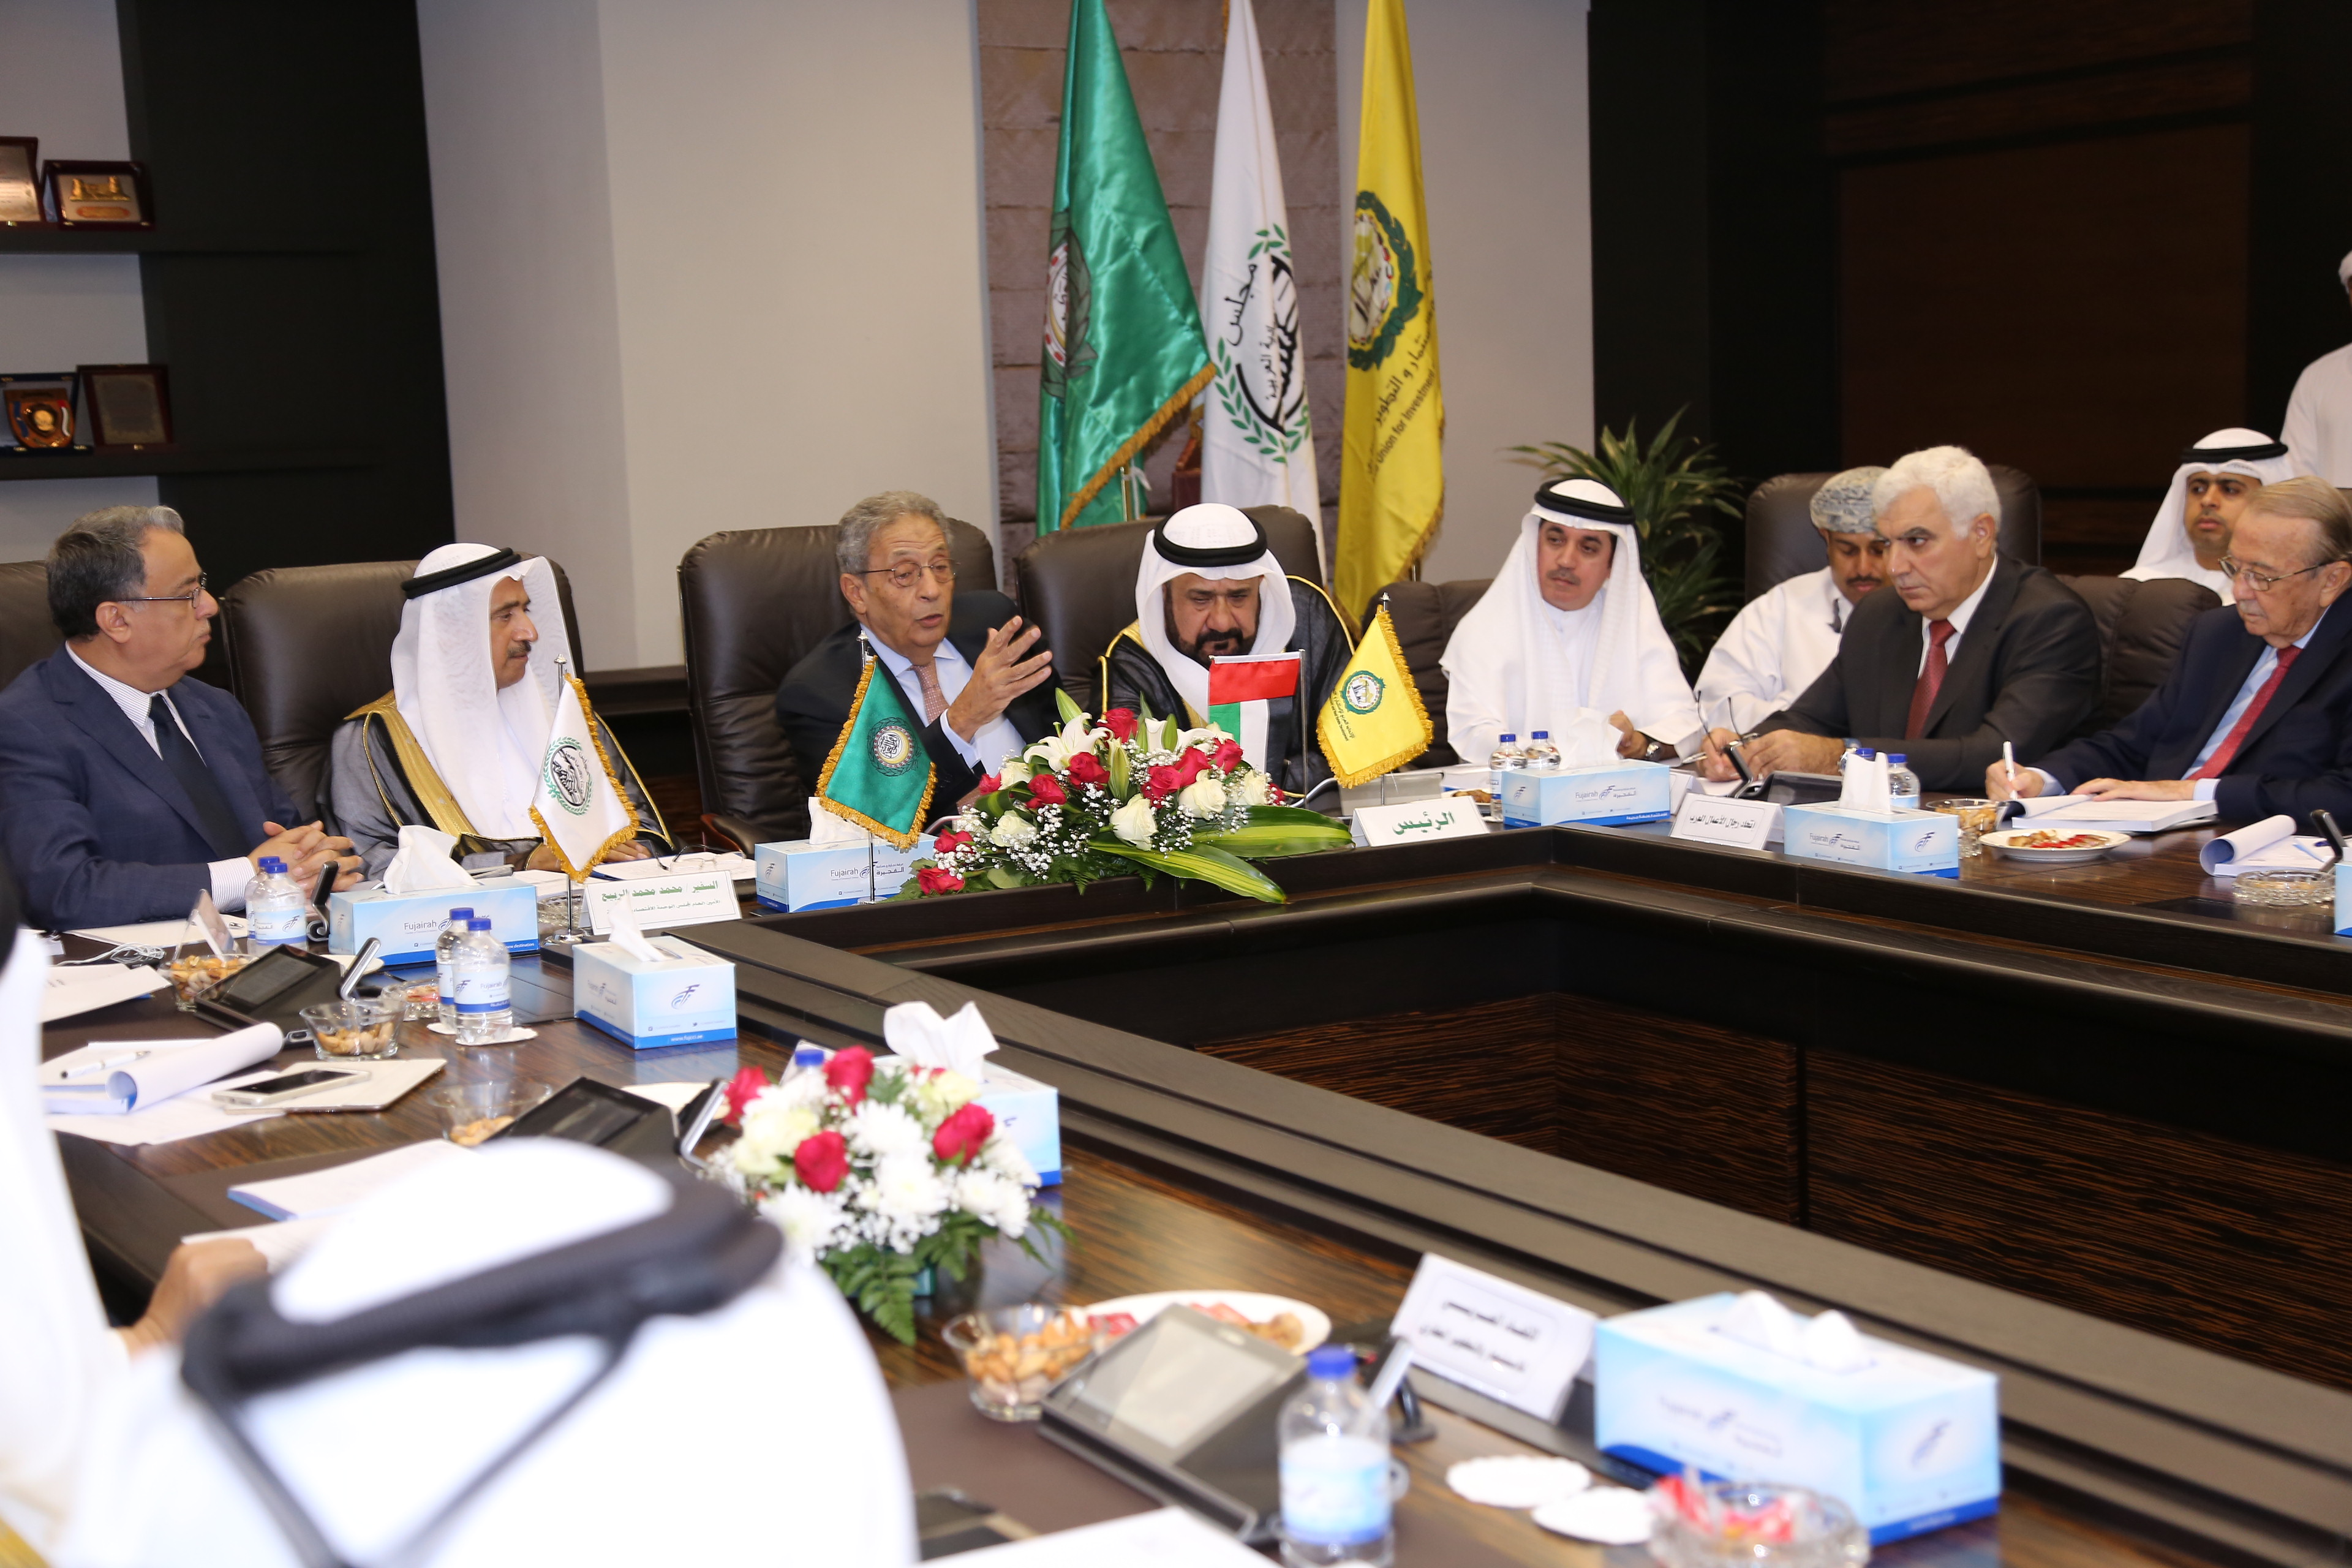 اجتماع اتحادات مجلس الوحدة الاقتصادية العربية على هامش مؤتمر الاستثمار العقاري